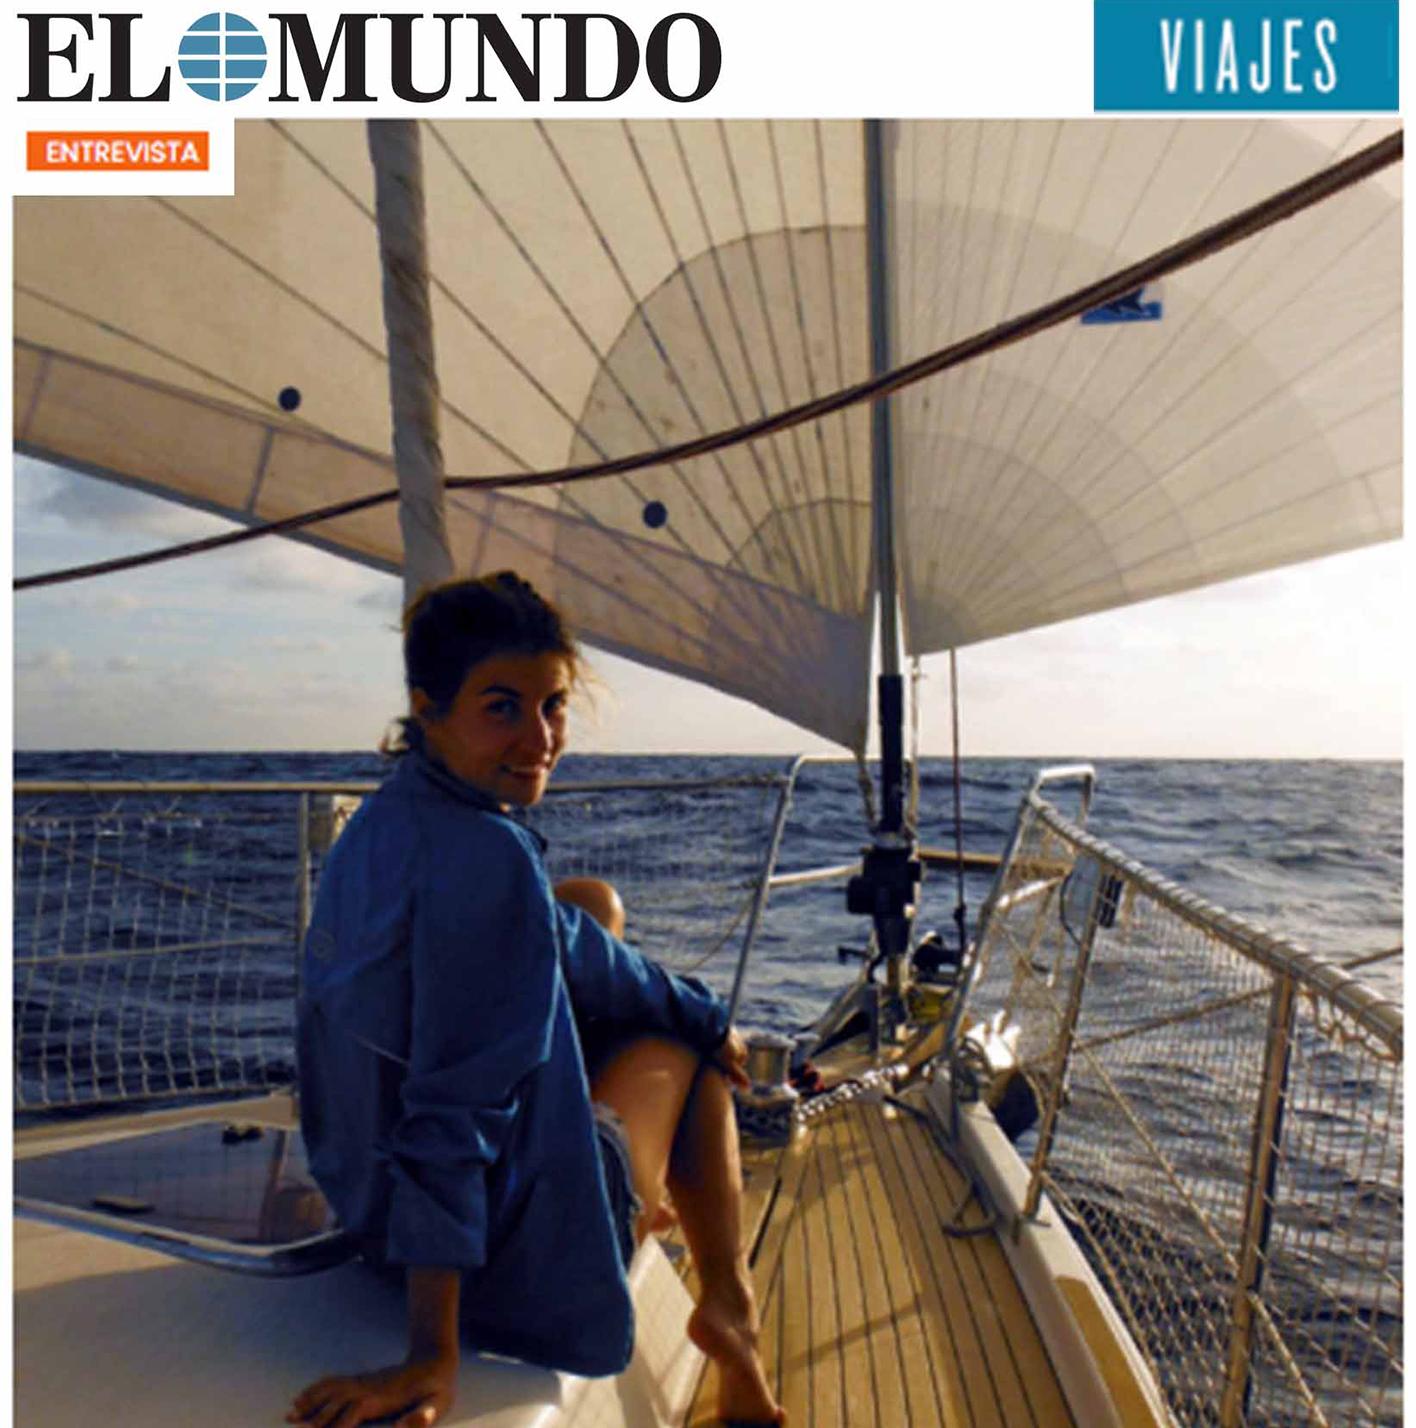 El Mundo Viajes Allende los mares